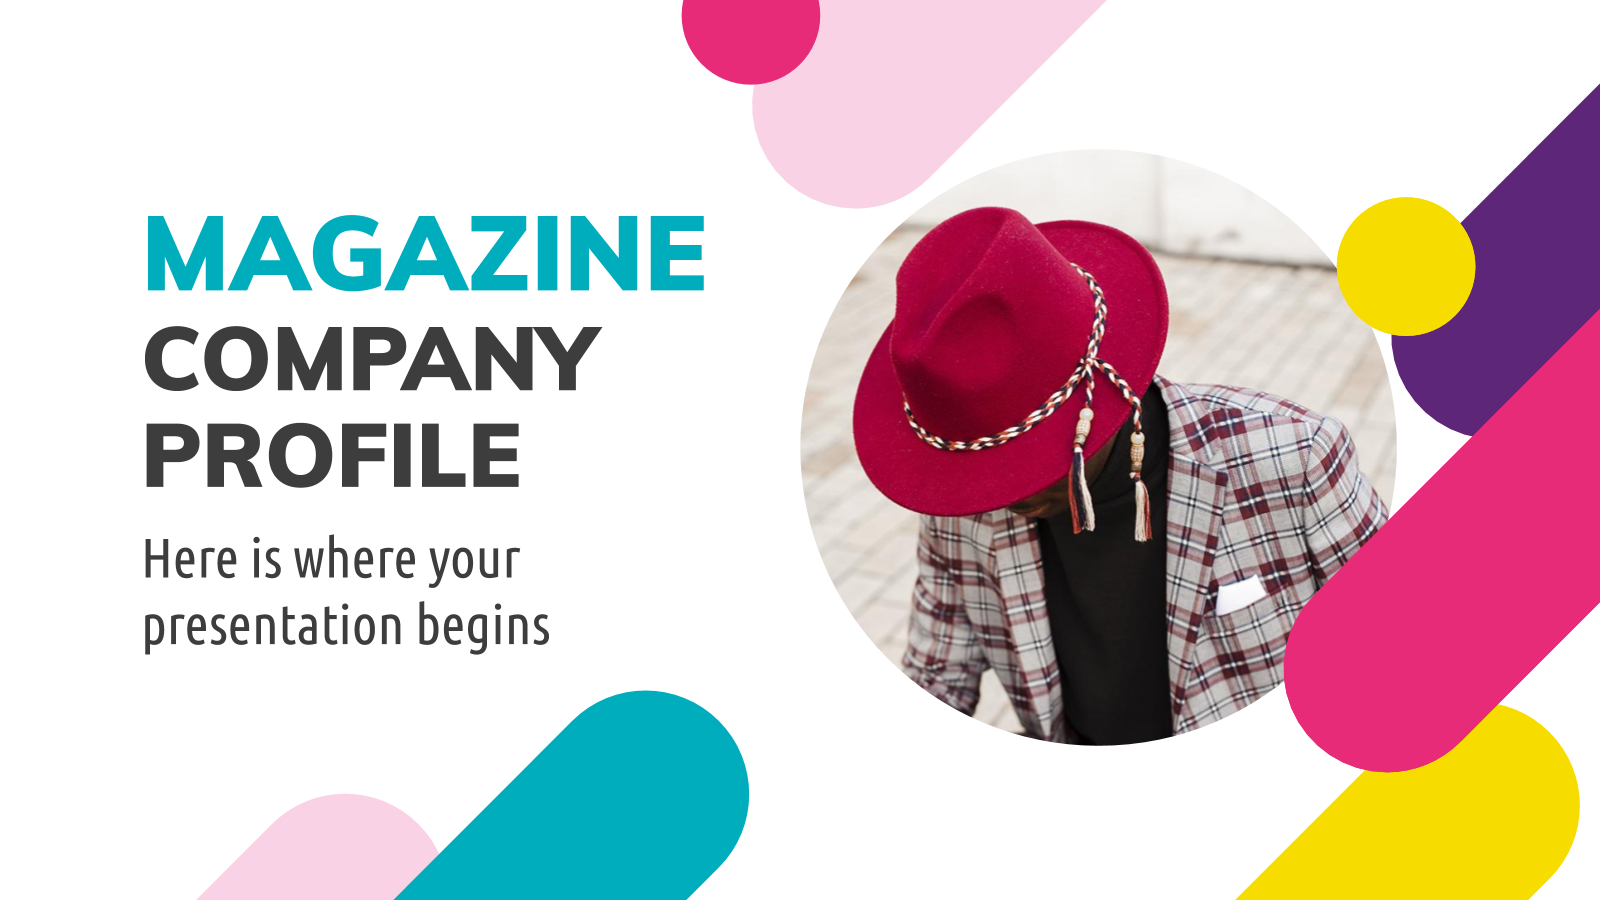 Magazine Company Profile presentation template